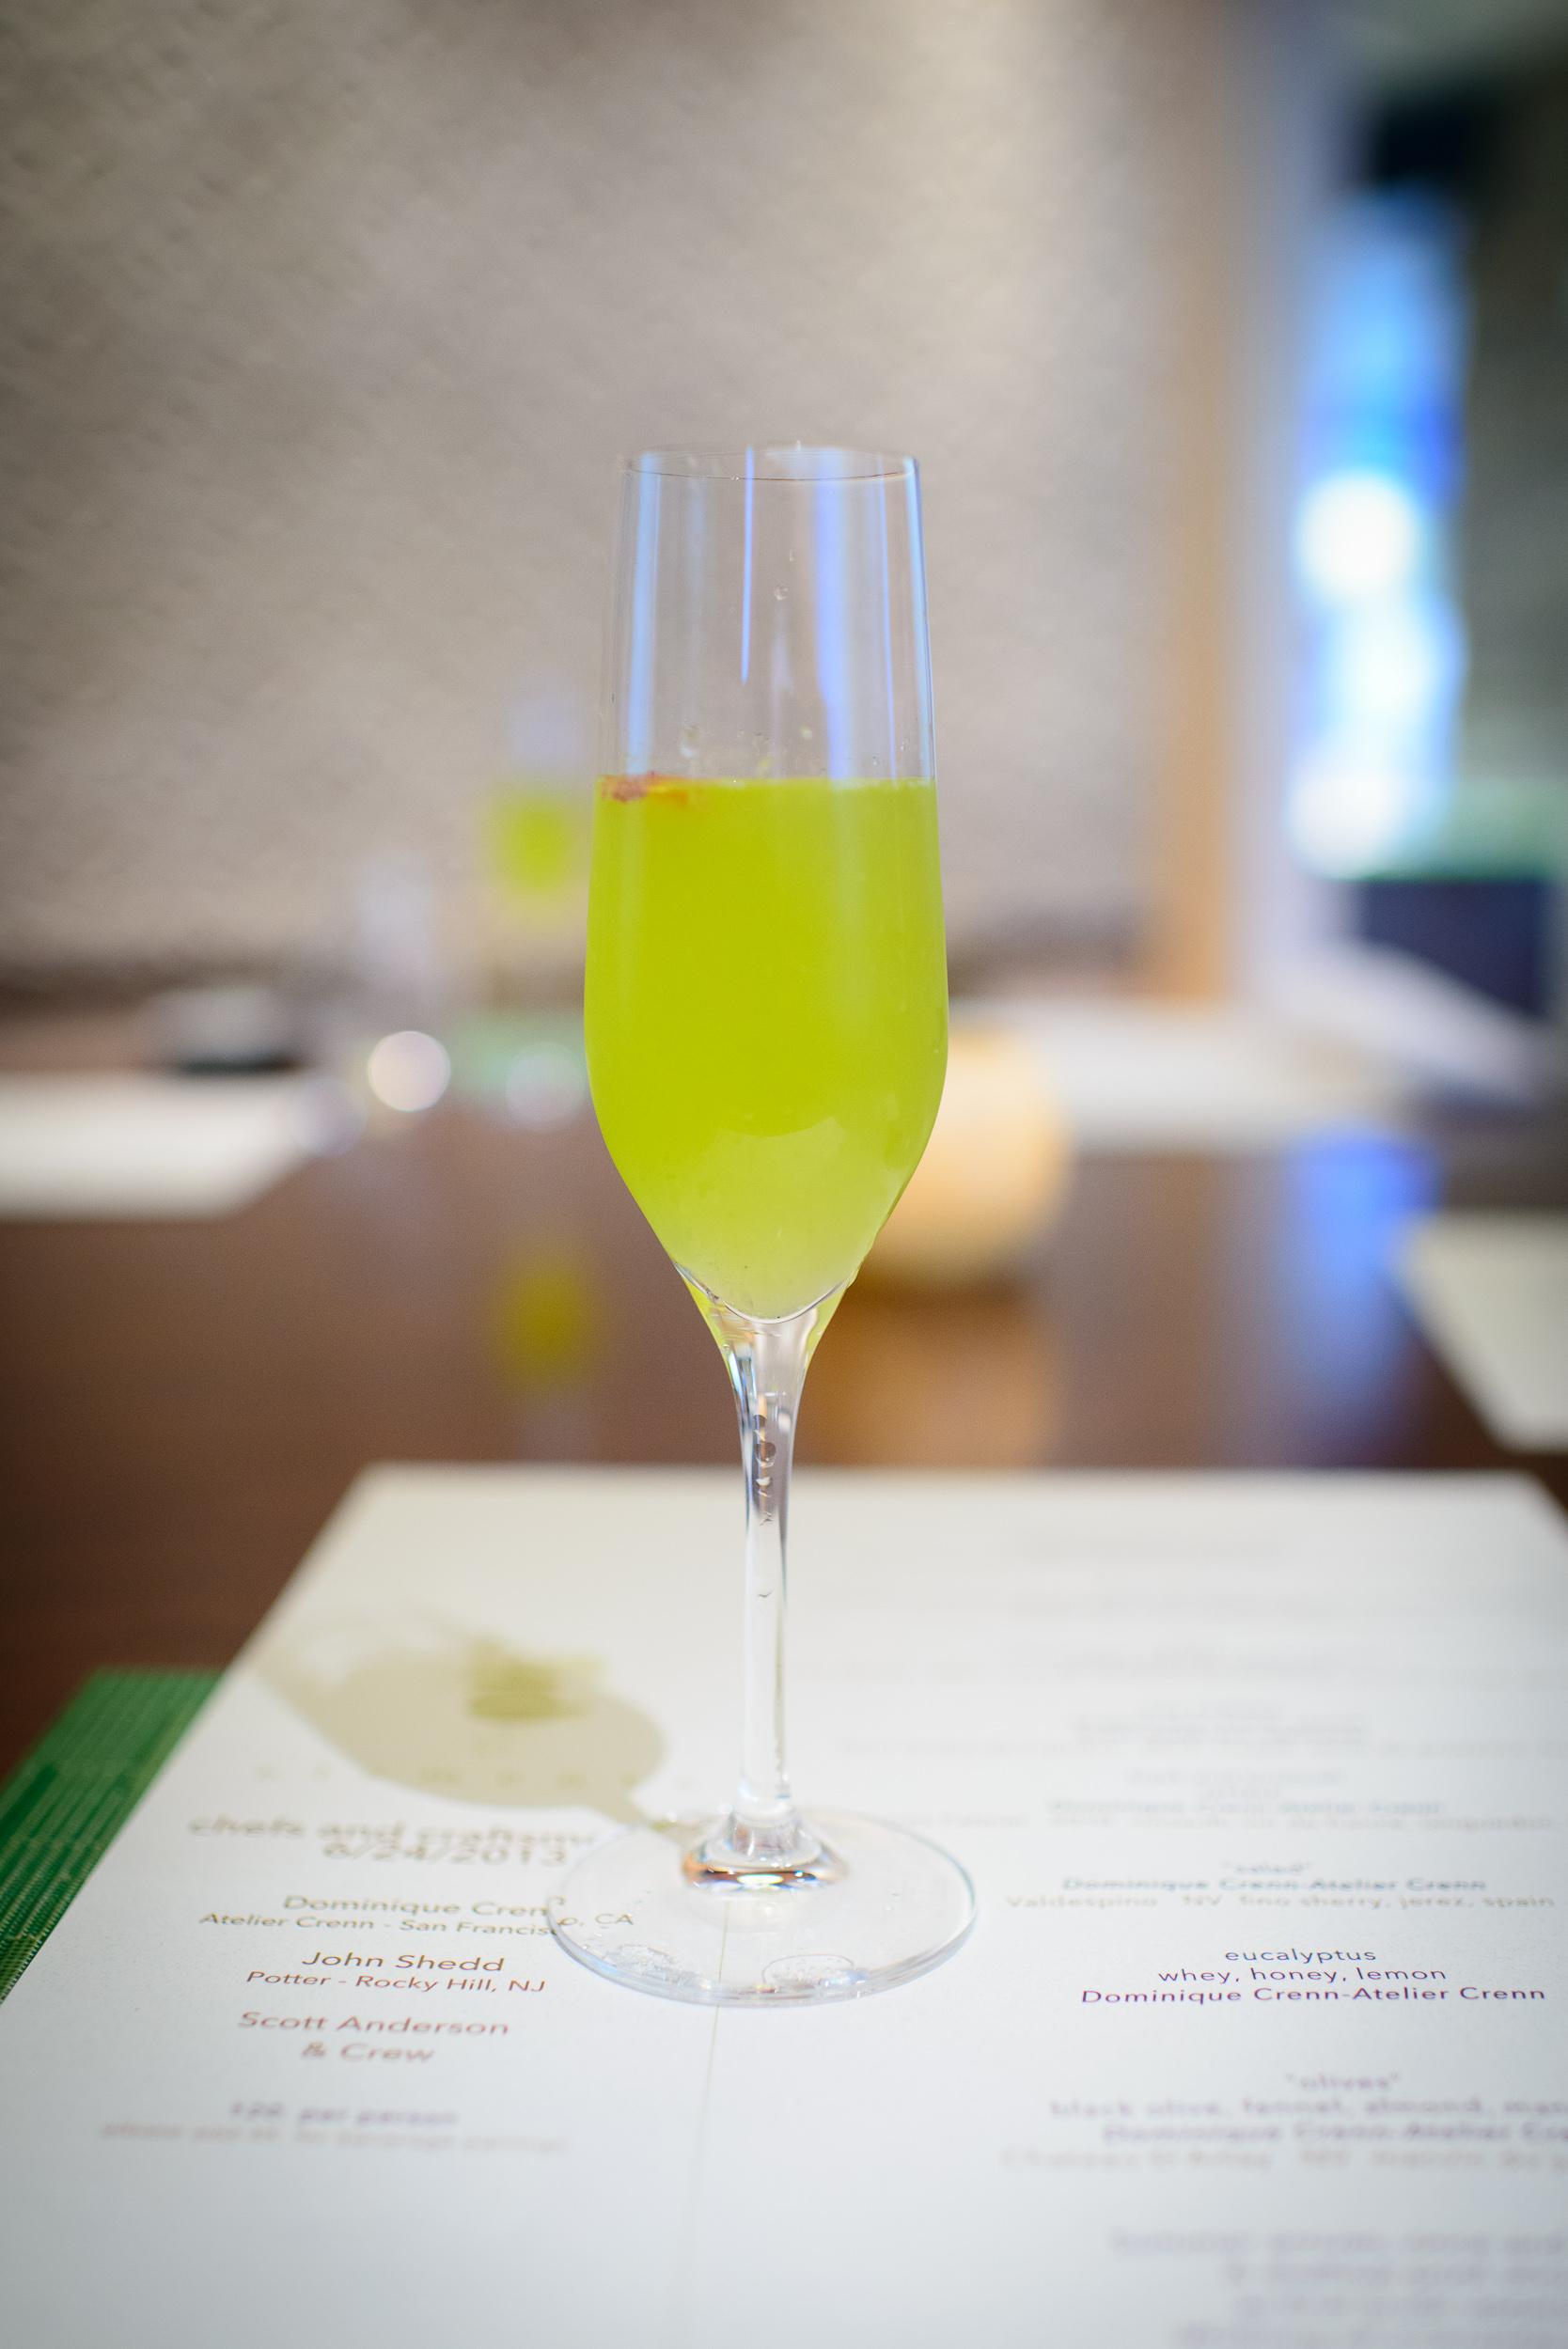 Snack 4: Farmer's gin, orange juice, orange bitters